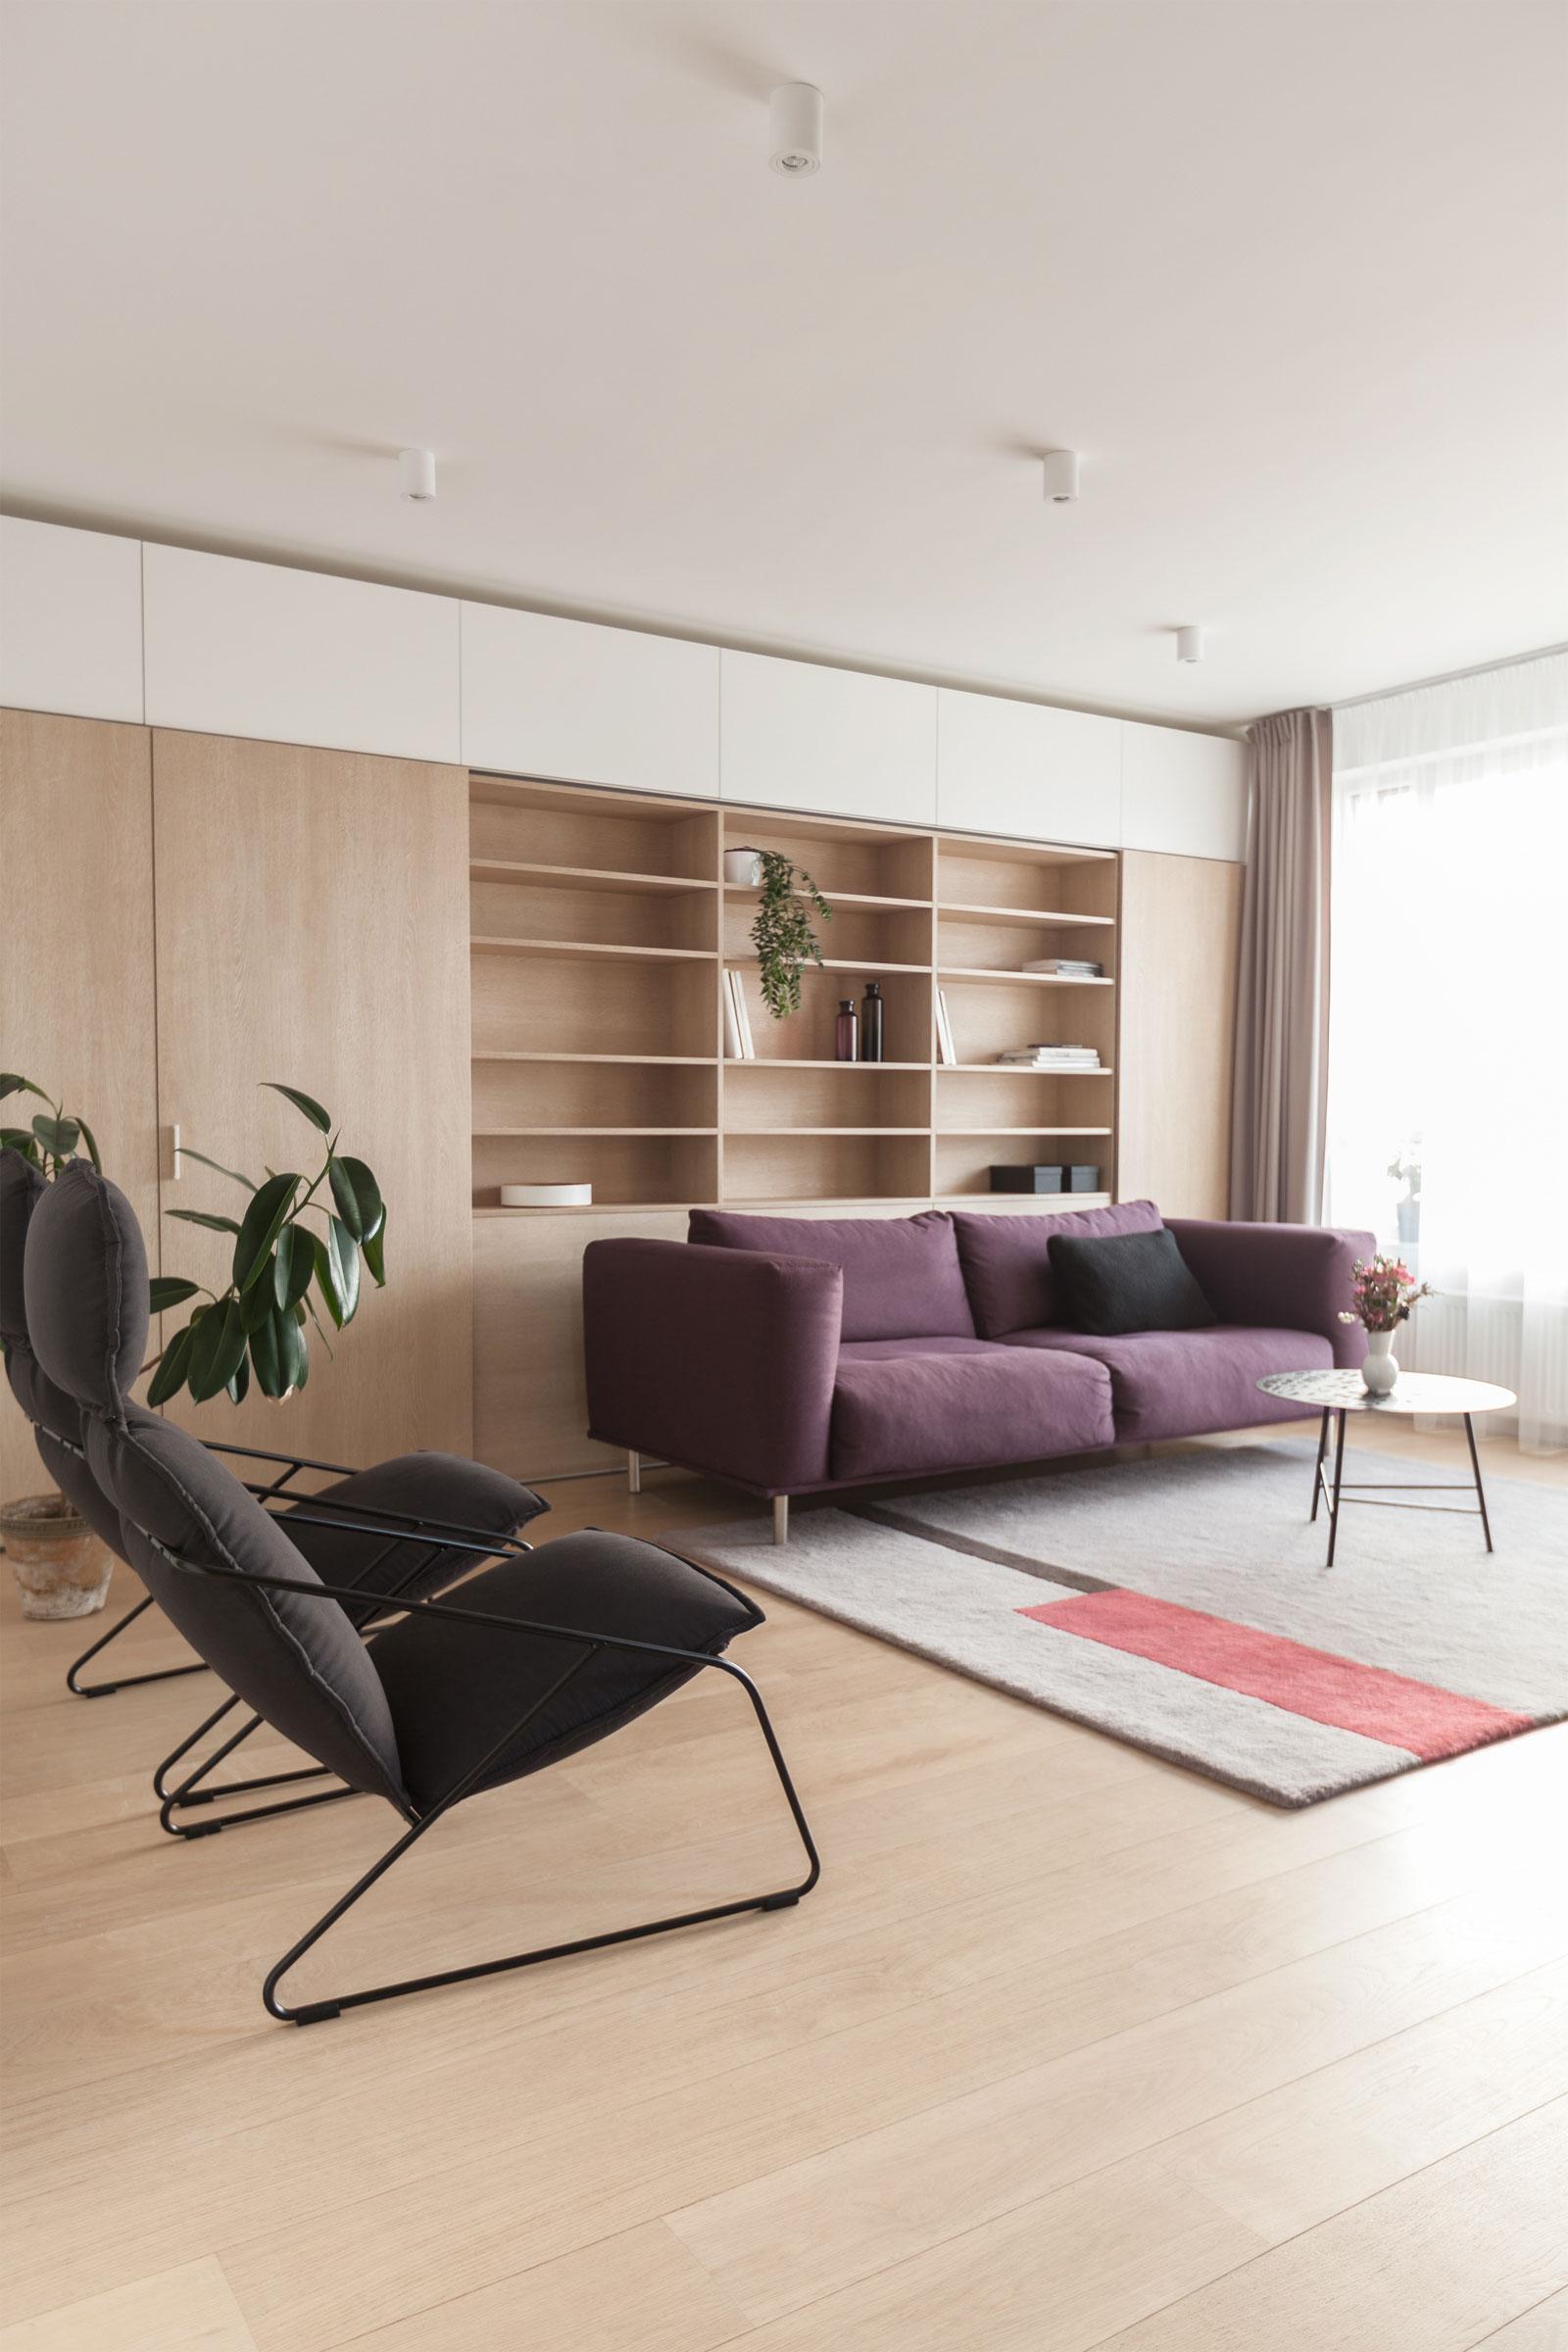 Apartment-in-Vilnius-2-02